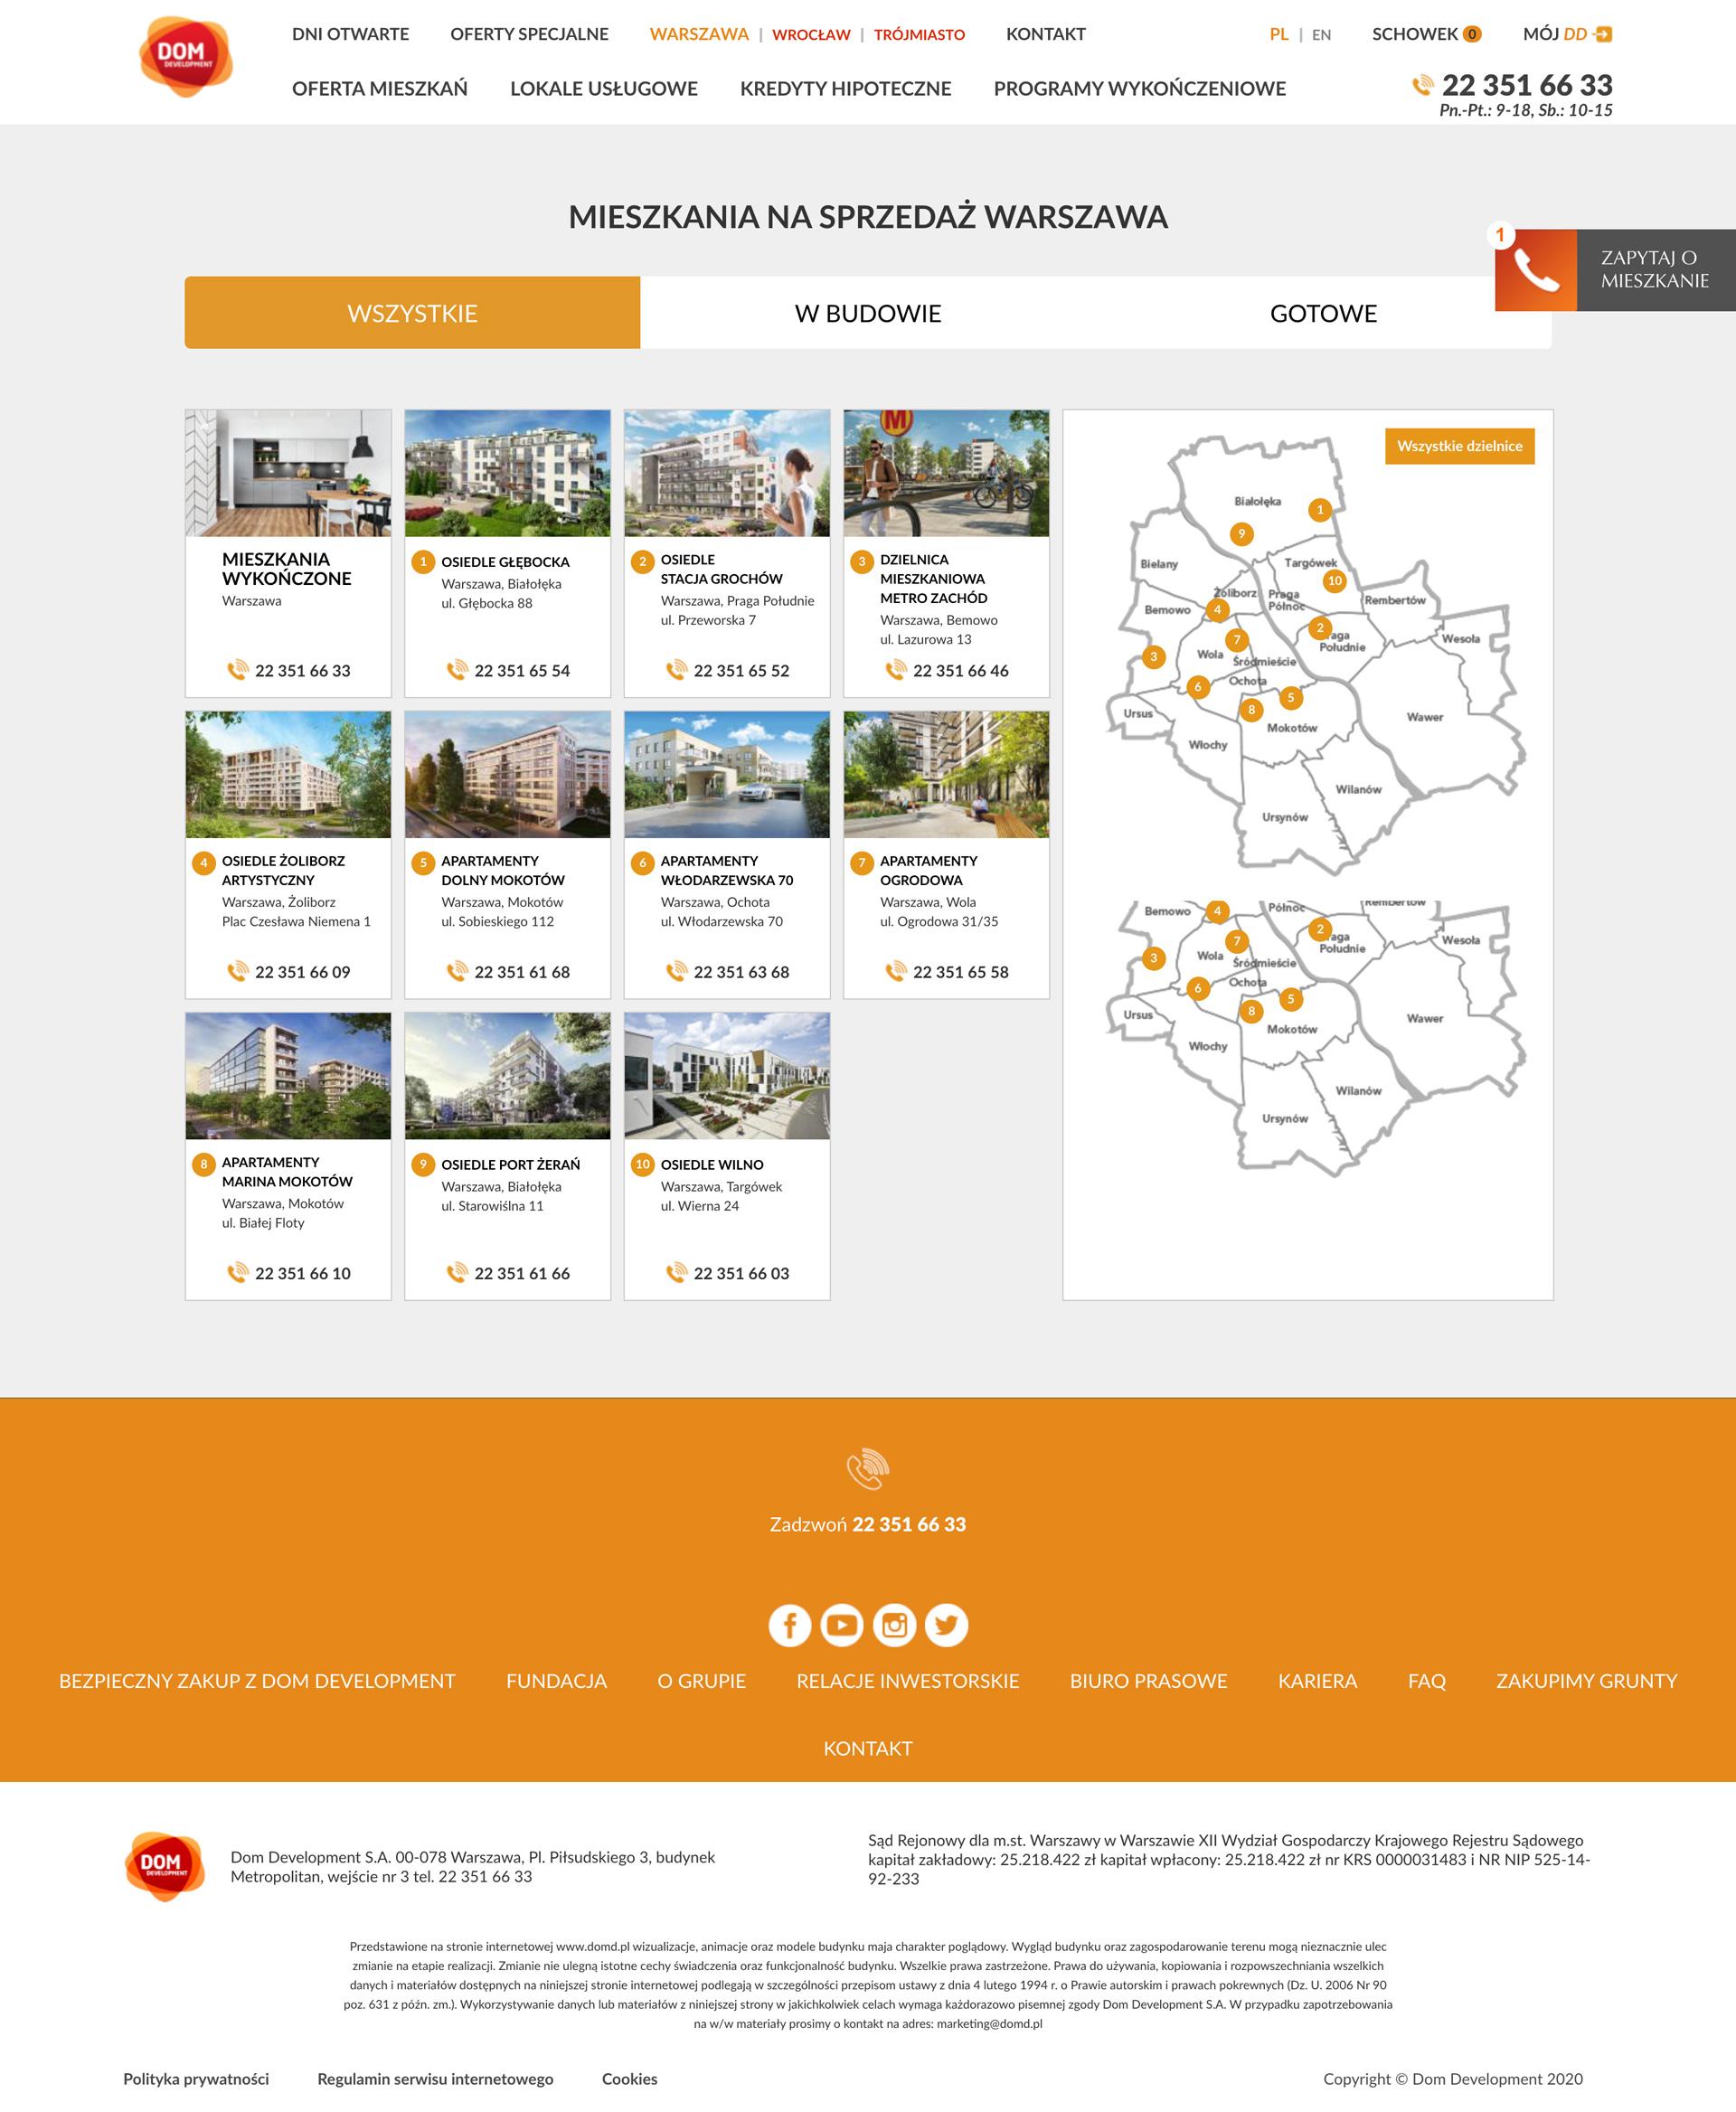 Serwis internetowy dla Dom Development S.A.